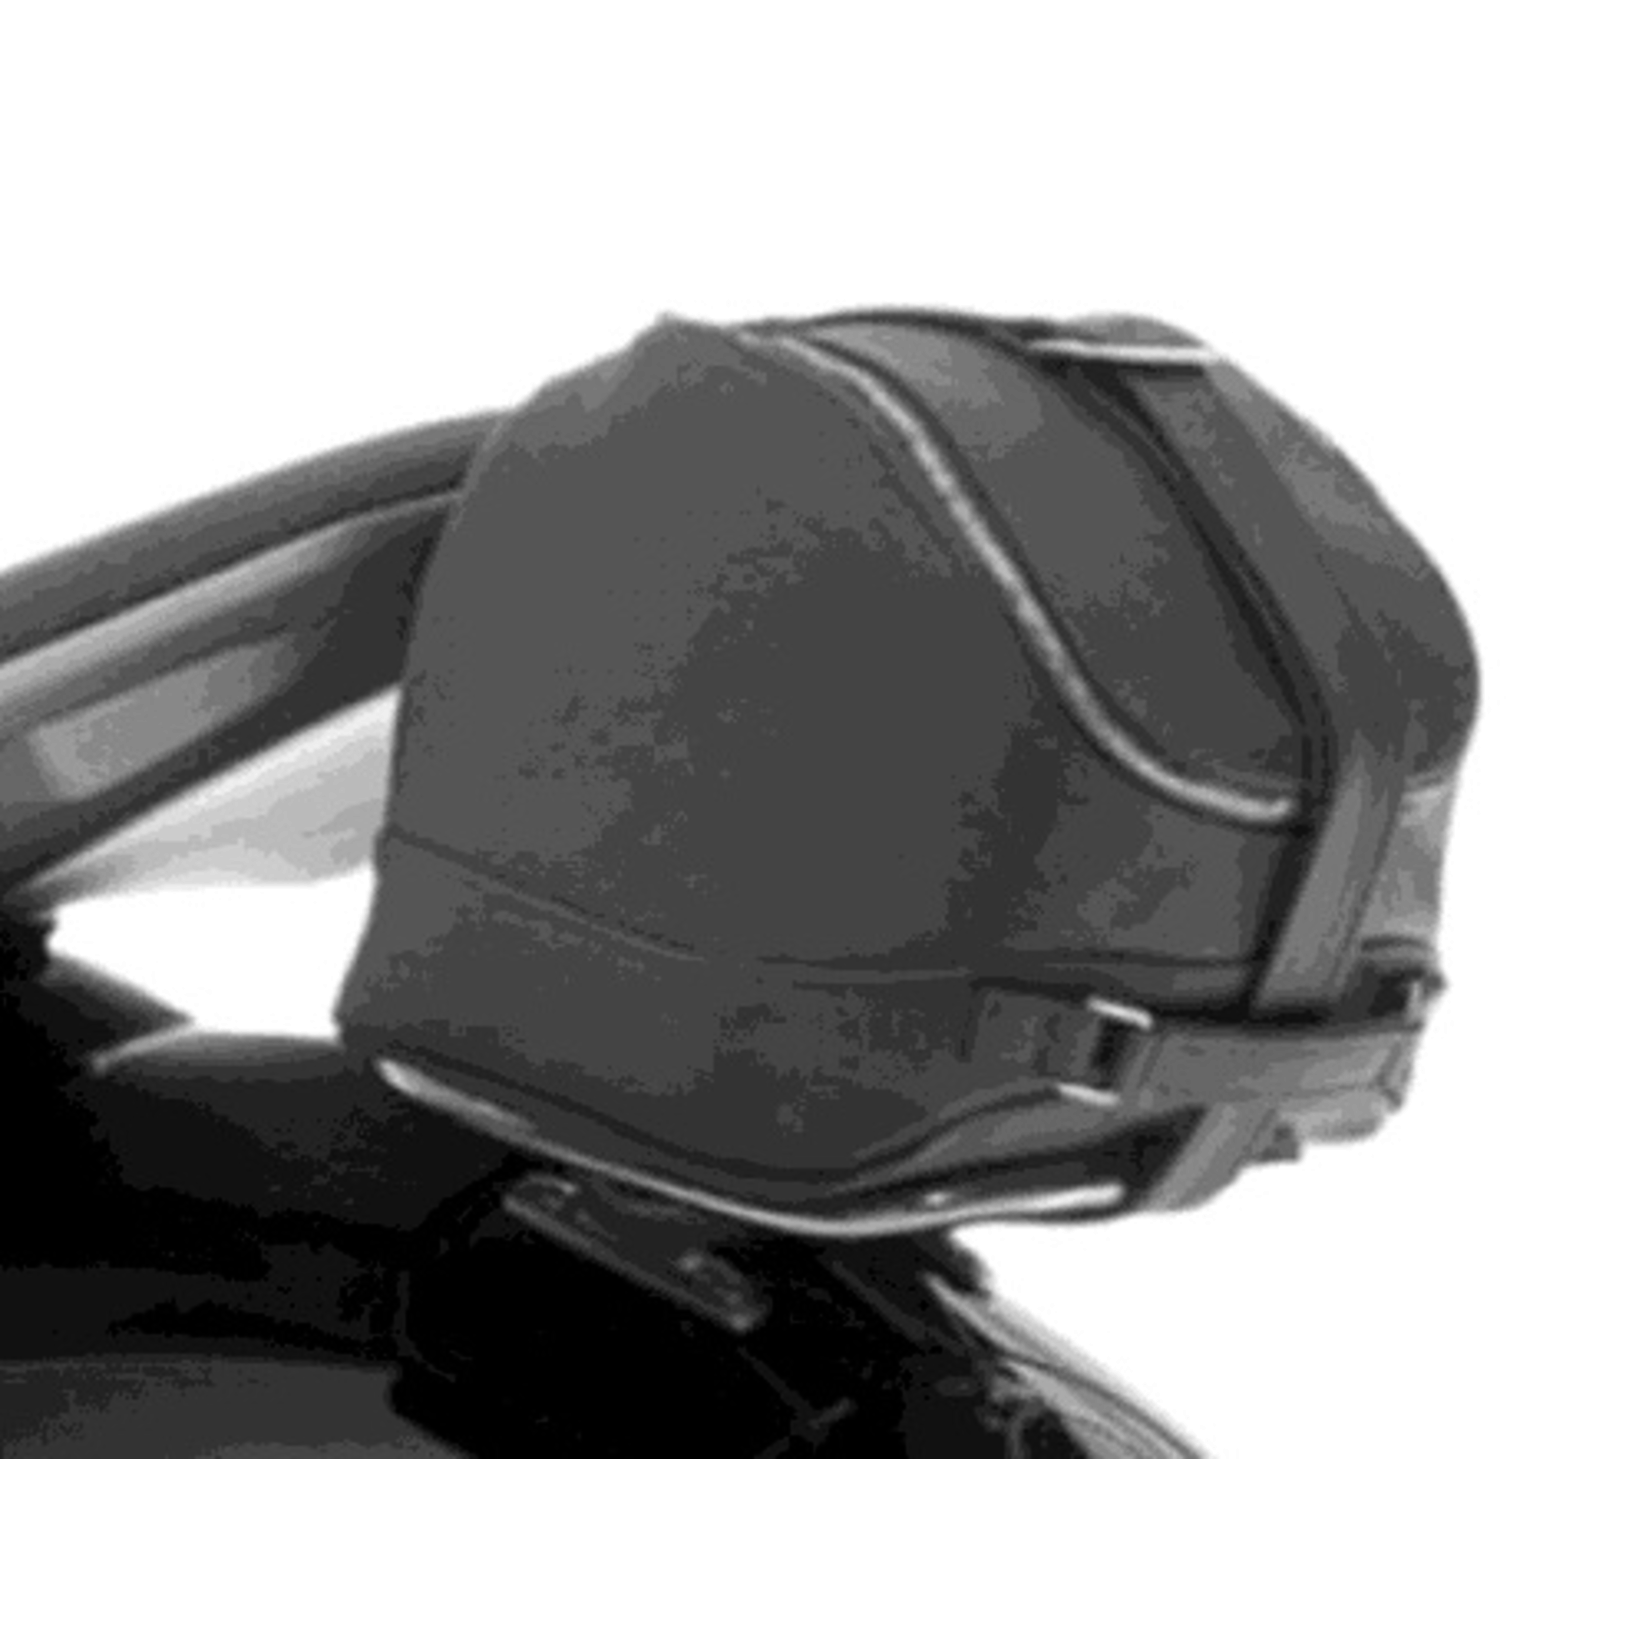 Accessories Helmet Bag, Vespa 946 Grey Saddle Colour